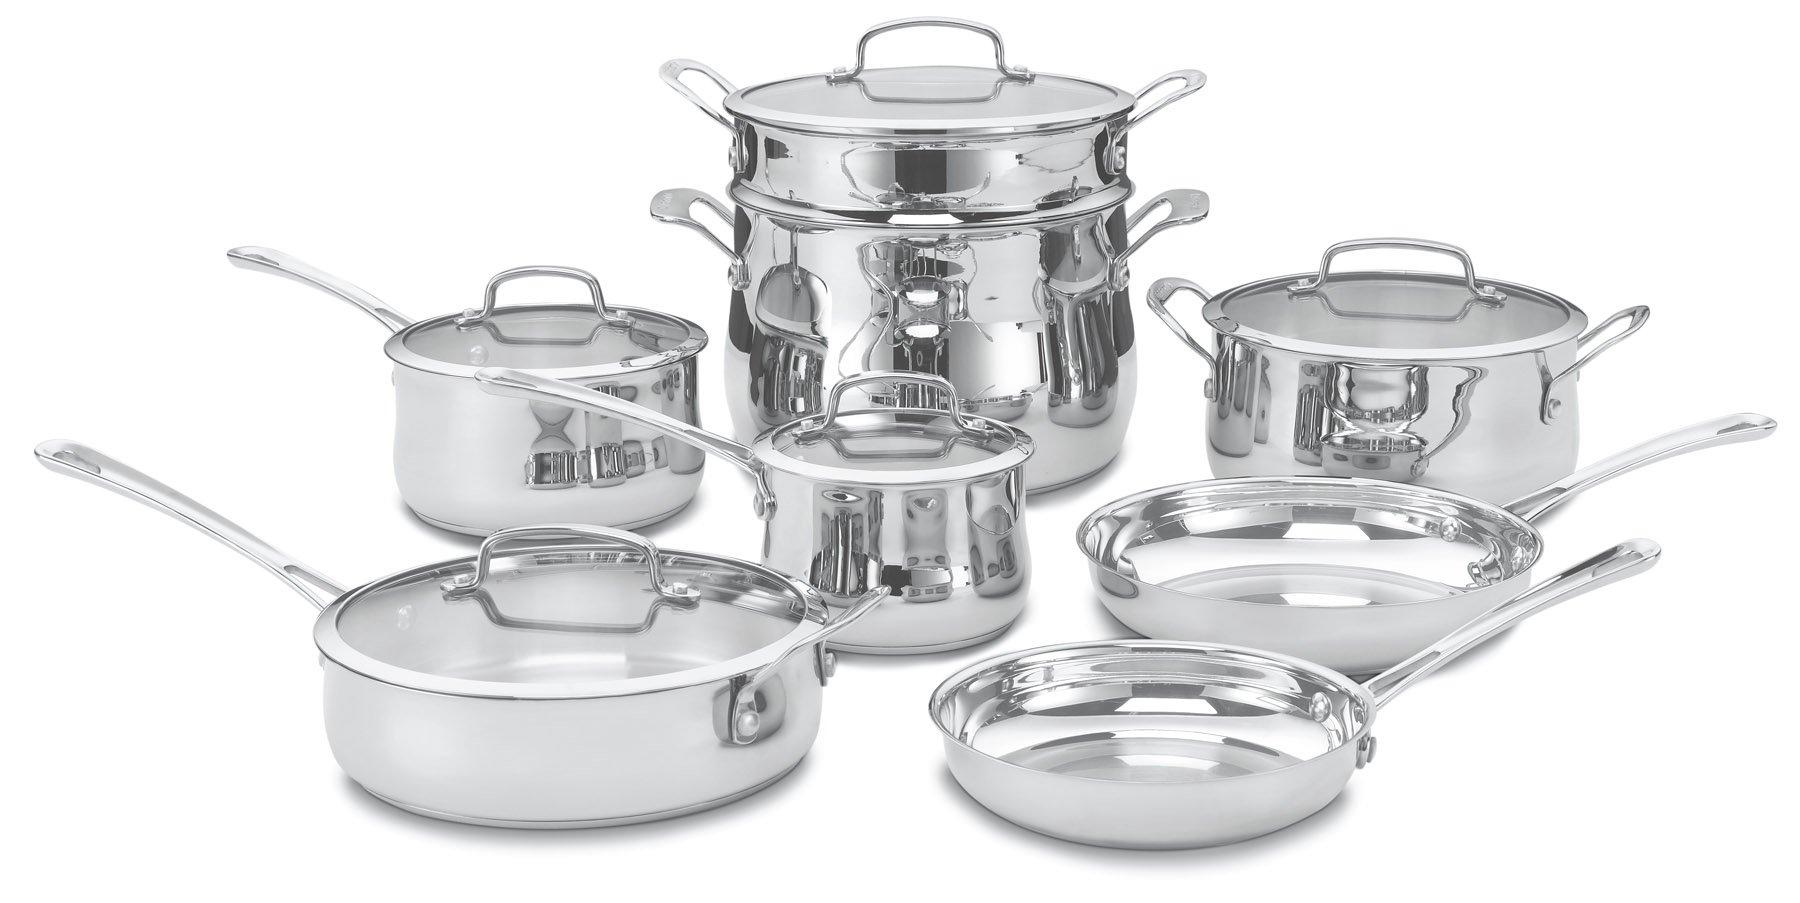 Cuisinart 44 13 Stainless 13 Piece Cookware